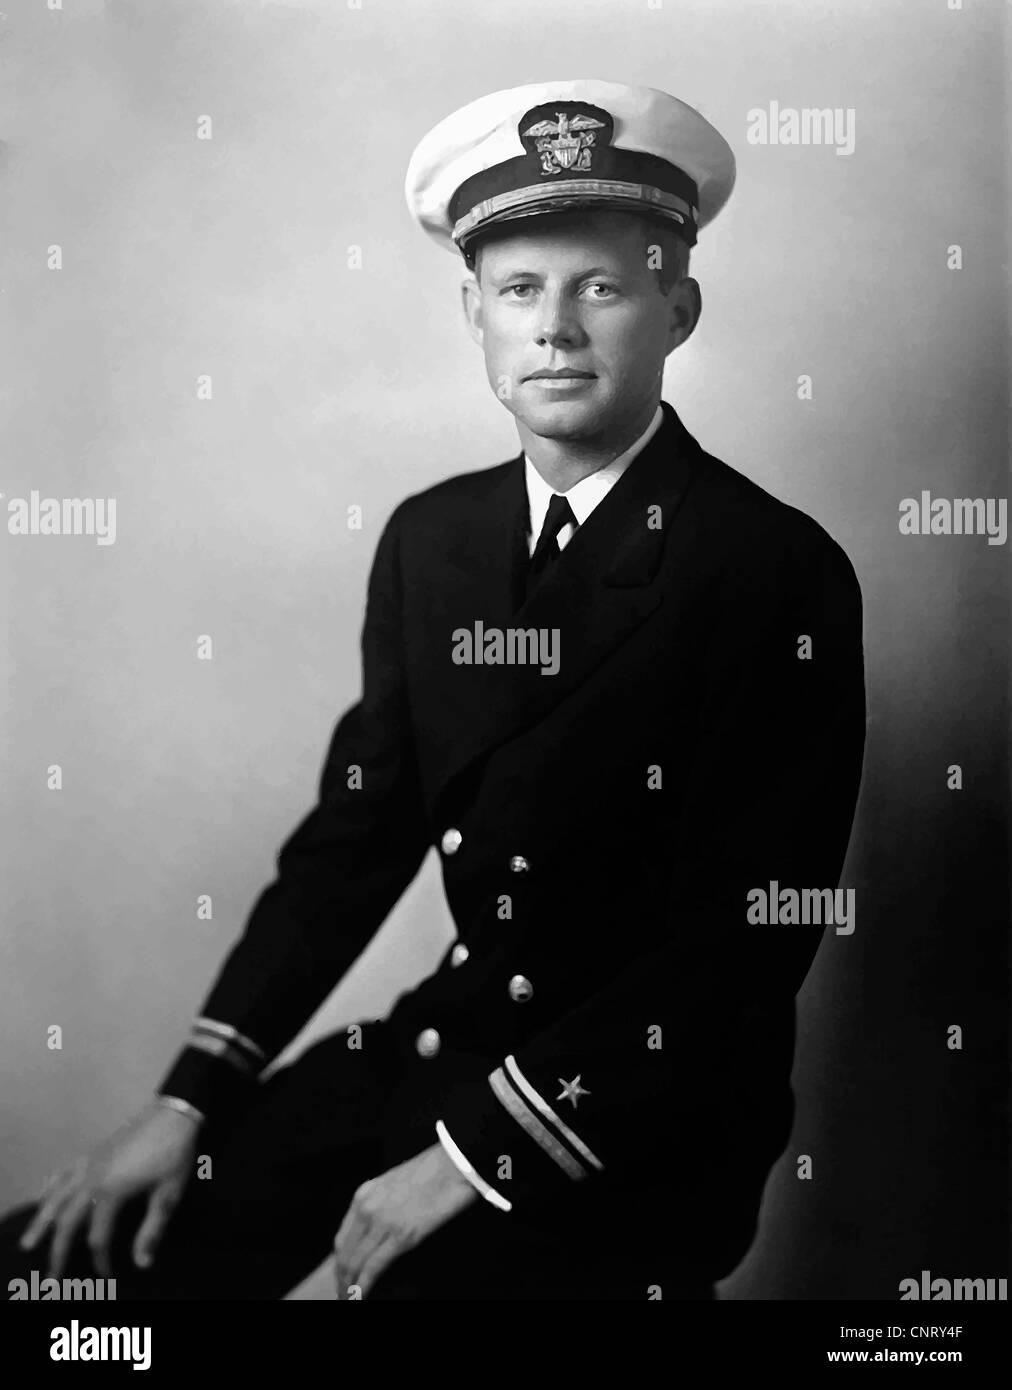 Digital restaurierten Vektor Porträt von Kennedy in seiner Marine uniform gekleidet. Ca. 1942. Stockbild